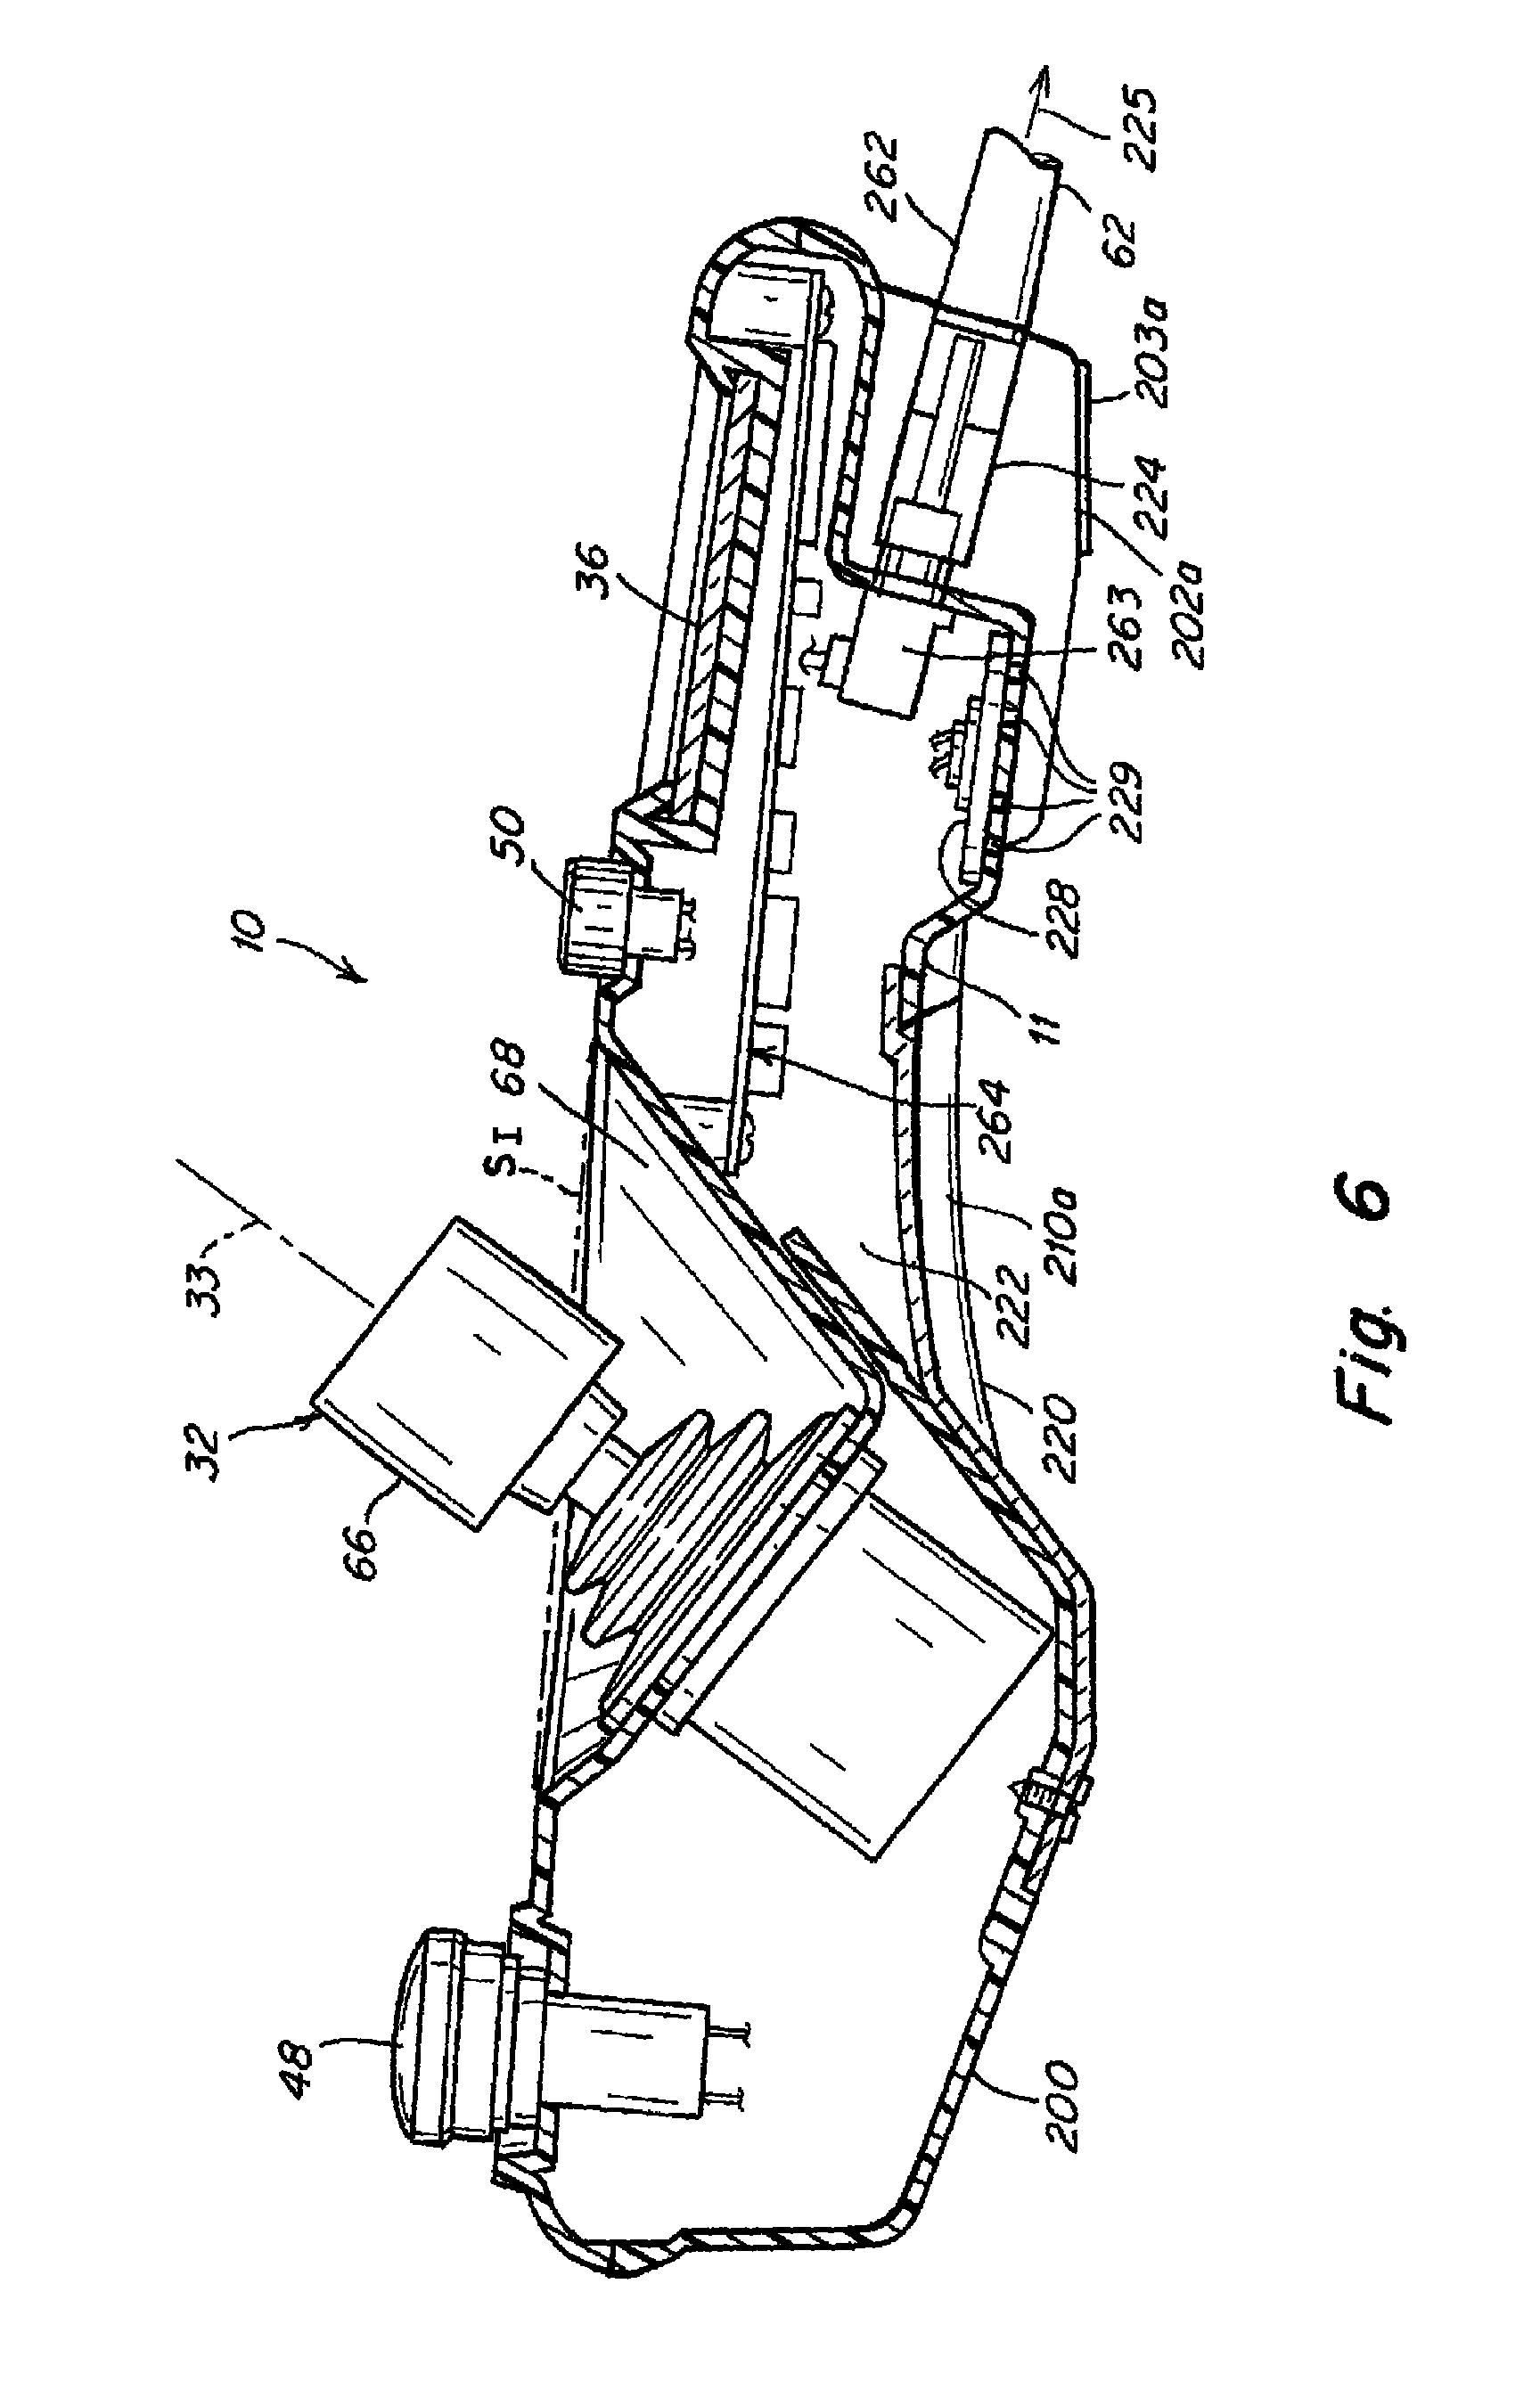 Os Wiring Diagram